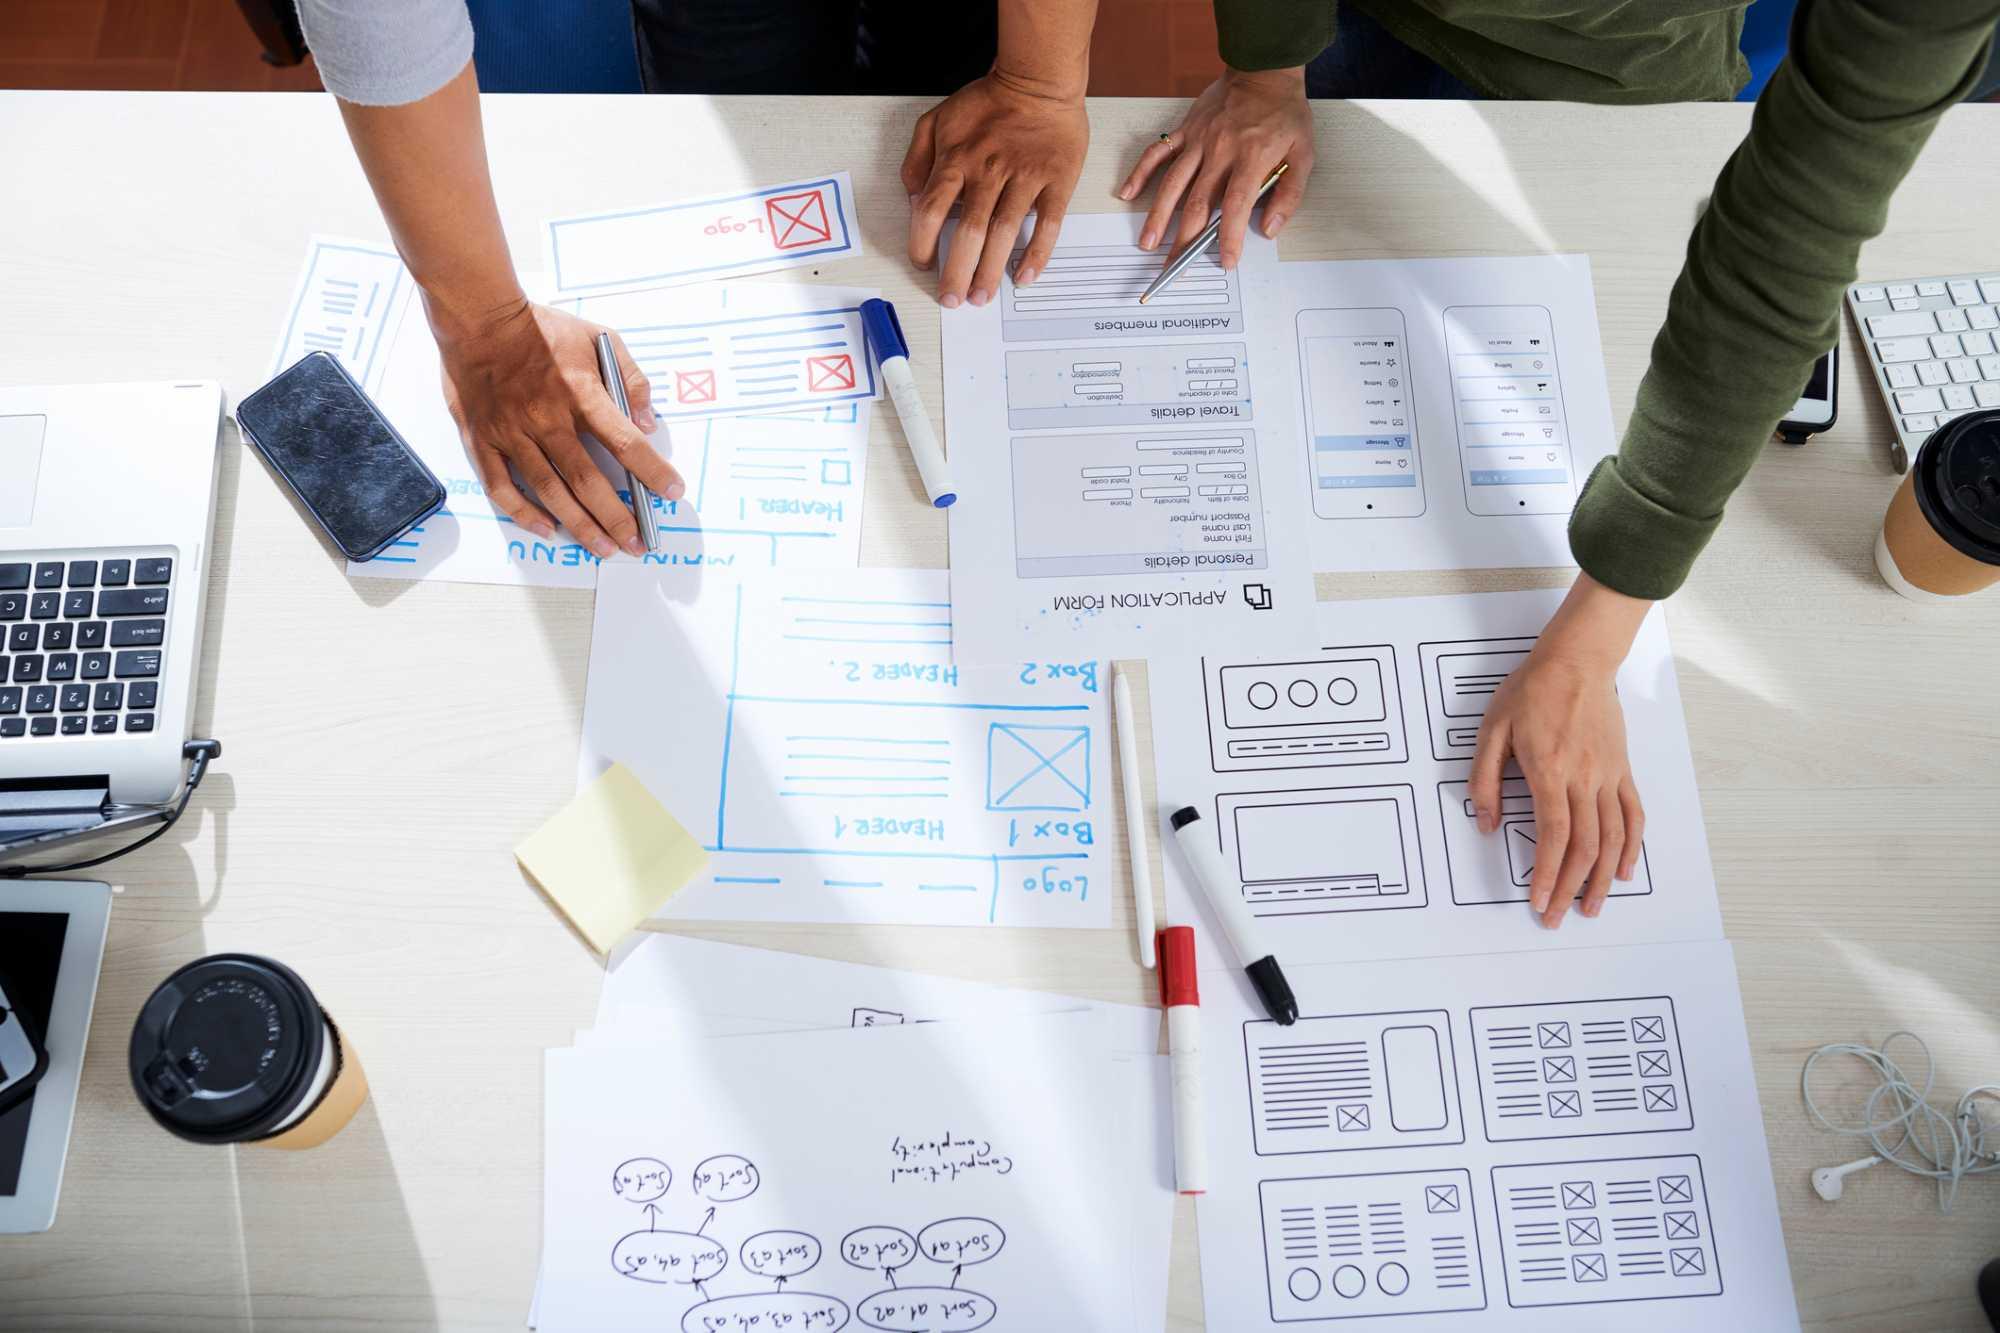 Arquitetura da Informação: tudo o que você precisa saber